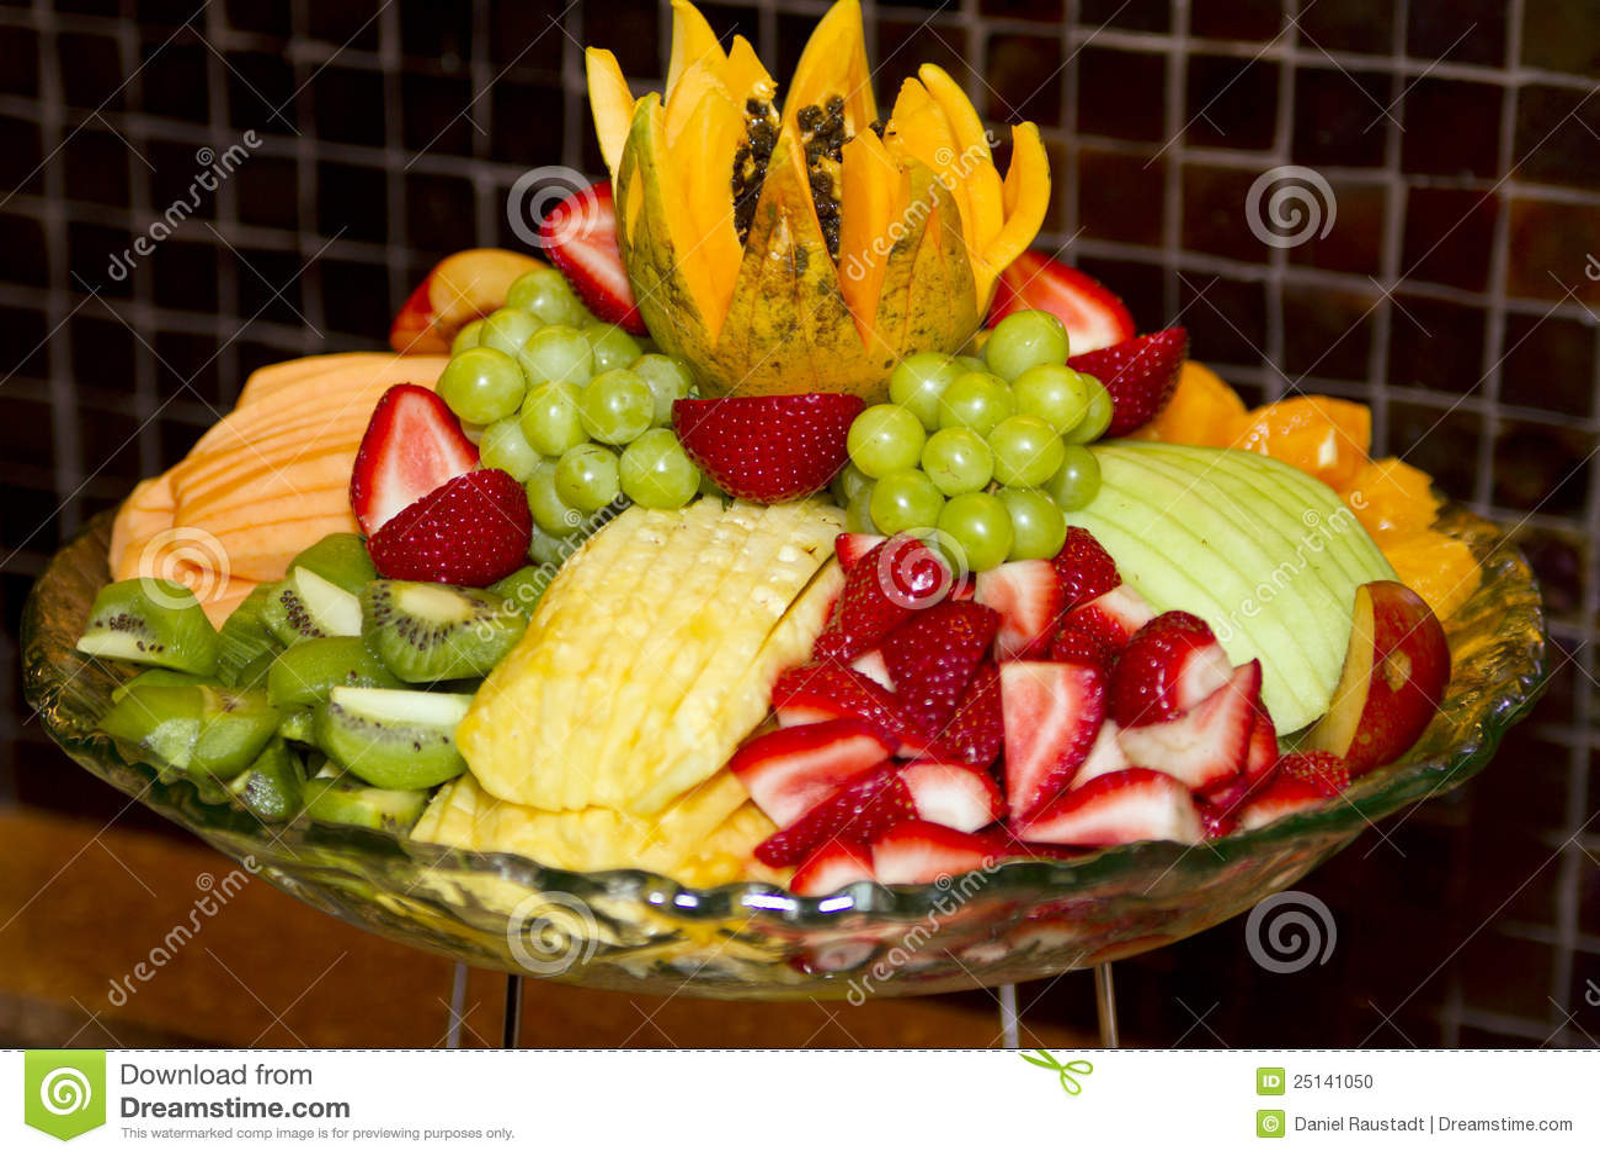 Resultado de imagen para bandejas decoradas con frutas